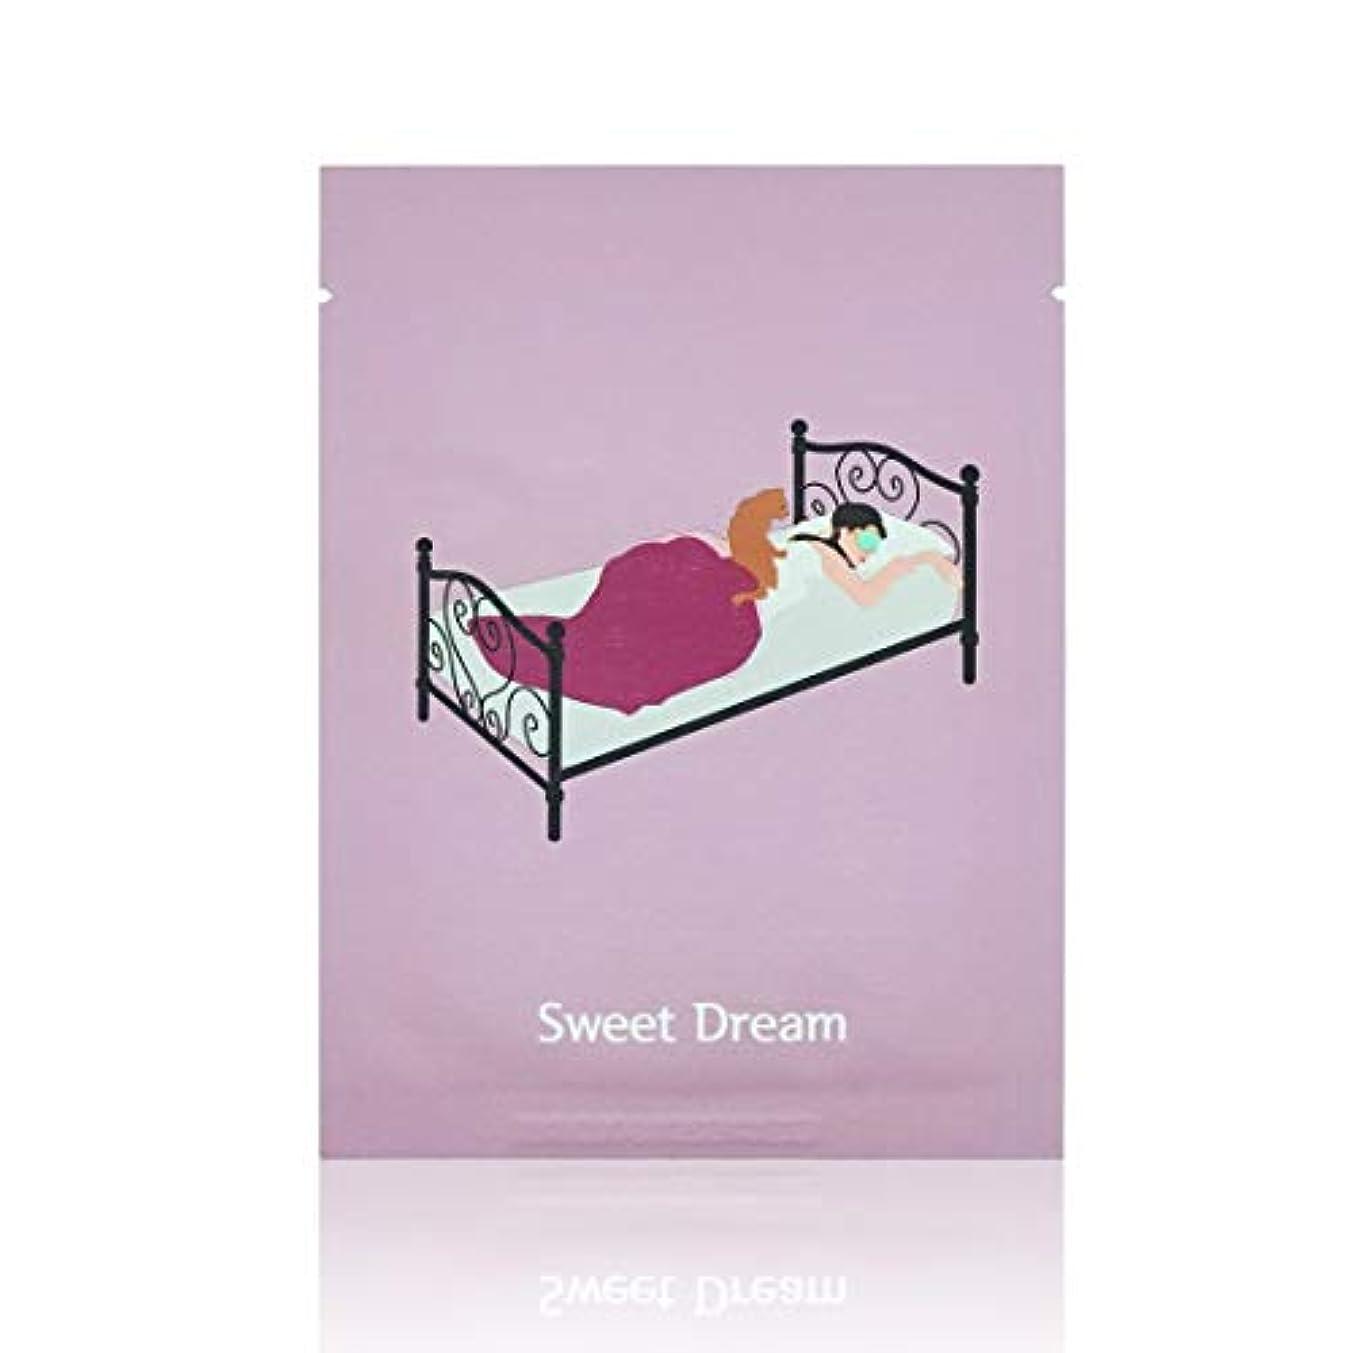 真実に年ベアリング【PACKAGE】Sweet Dream Deep Sleeping Mask 10ea スリーピング マスク パック (10枚入り) 韓国 美白 セット 顔 保湿 モイスト ランキング シート 毎日 おすすめ